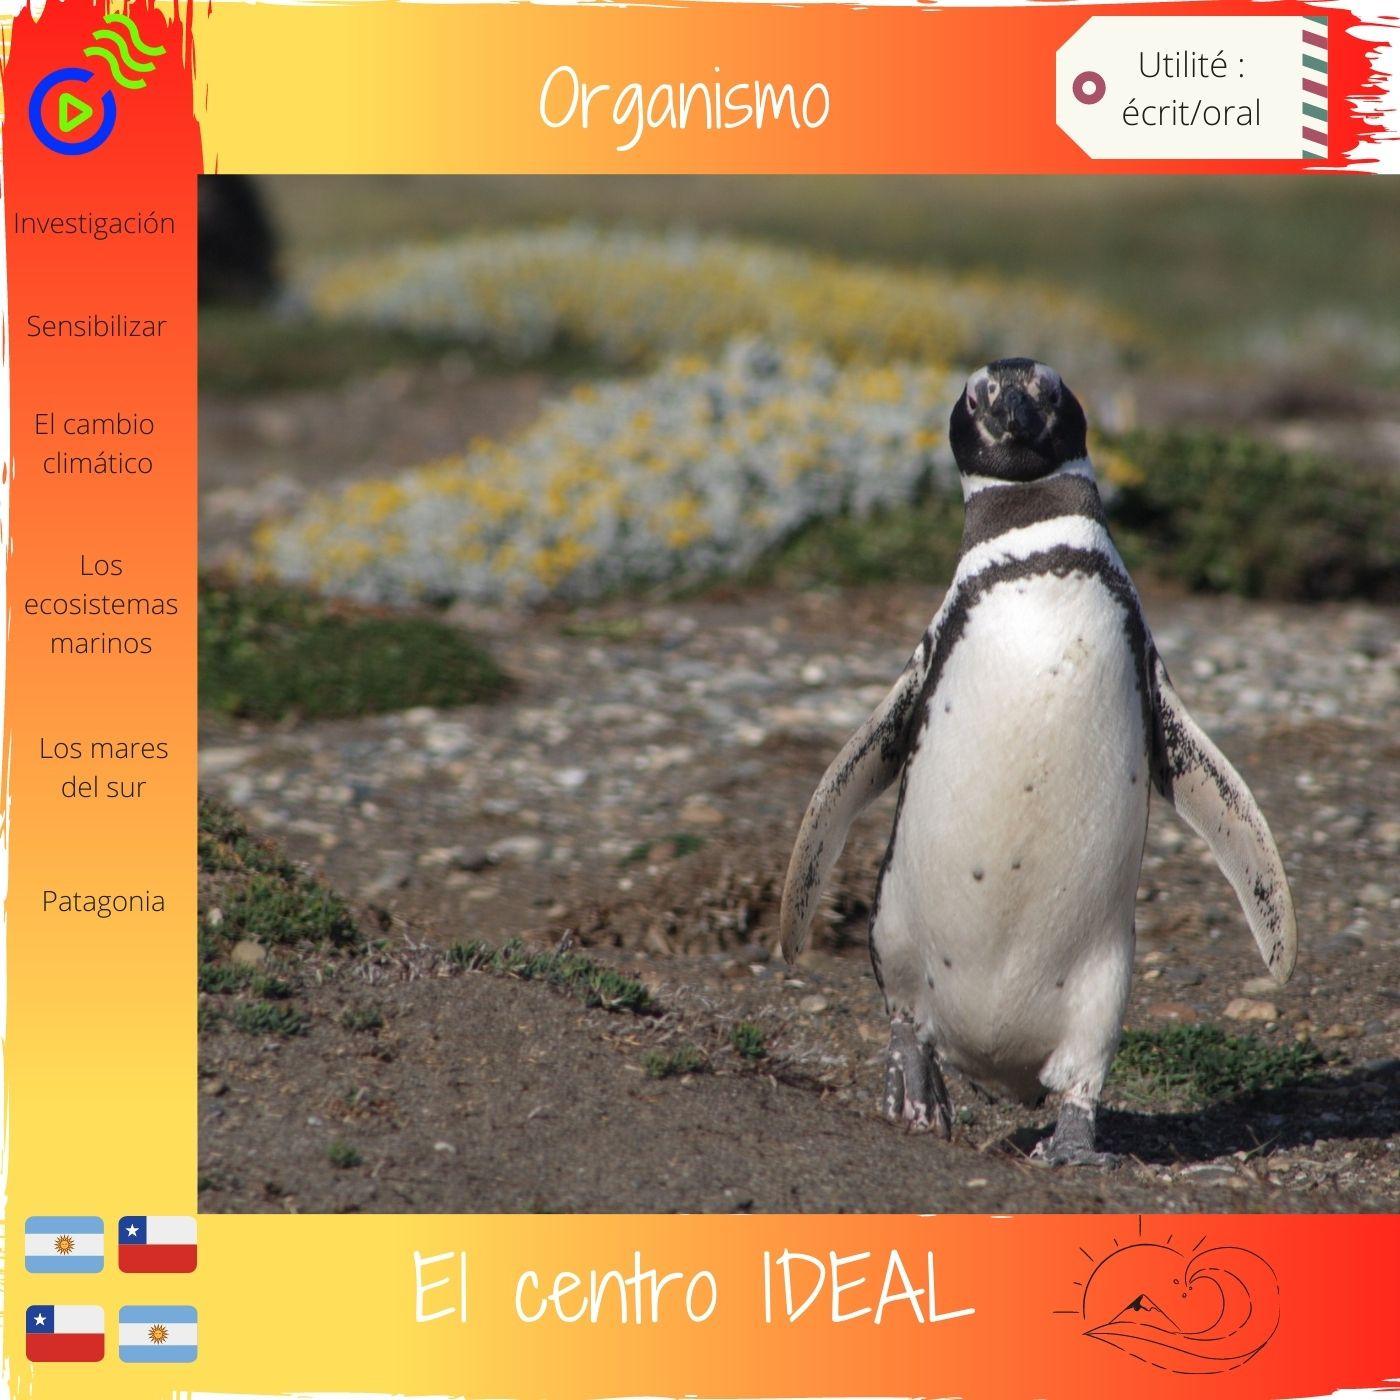 El Centro IDEAL de Patagonia